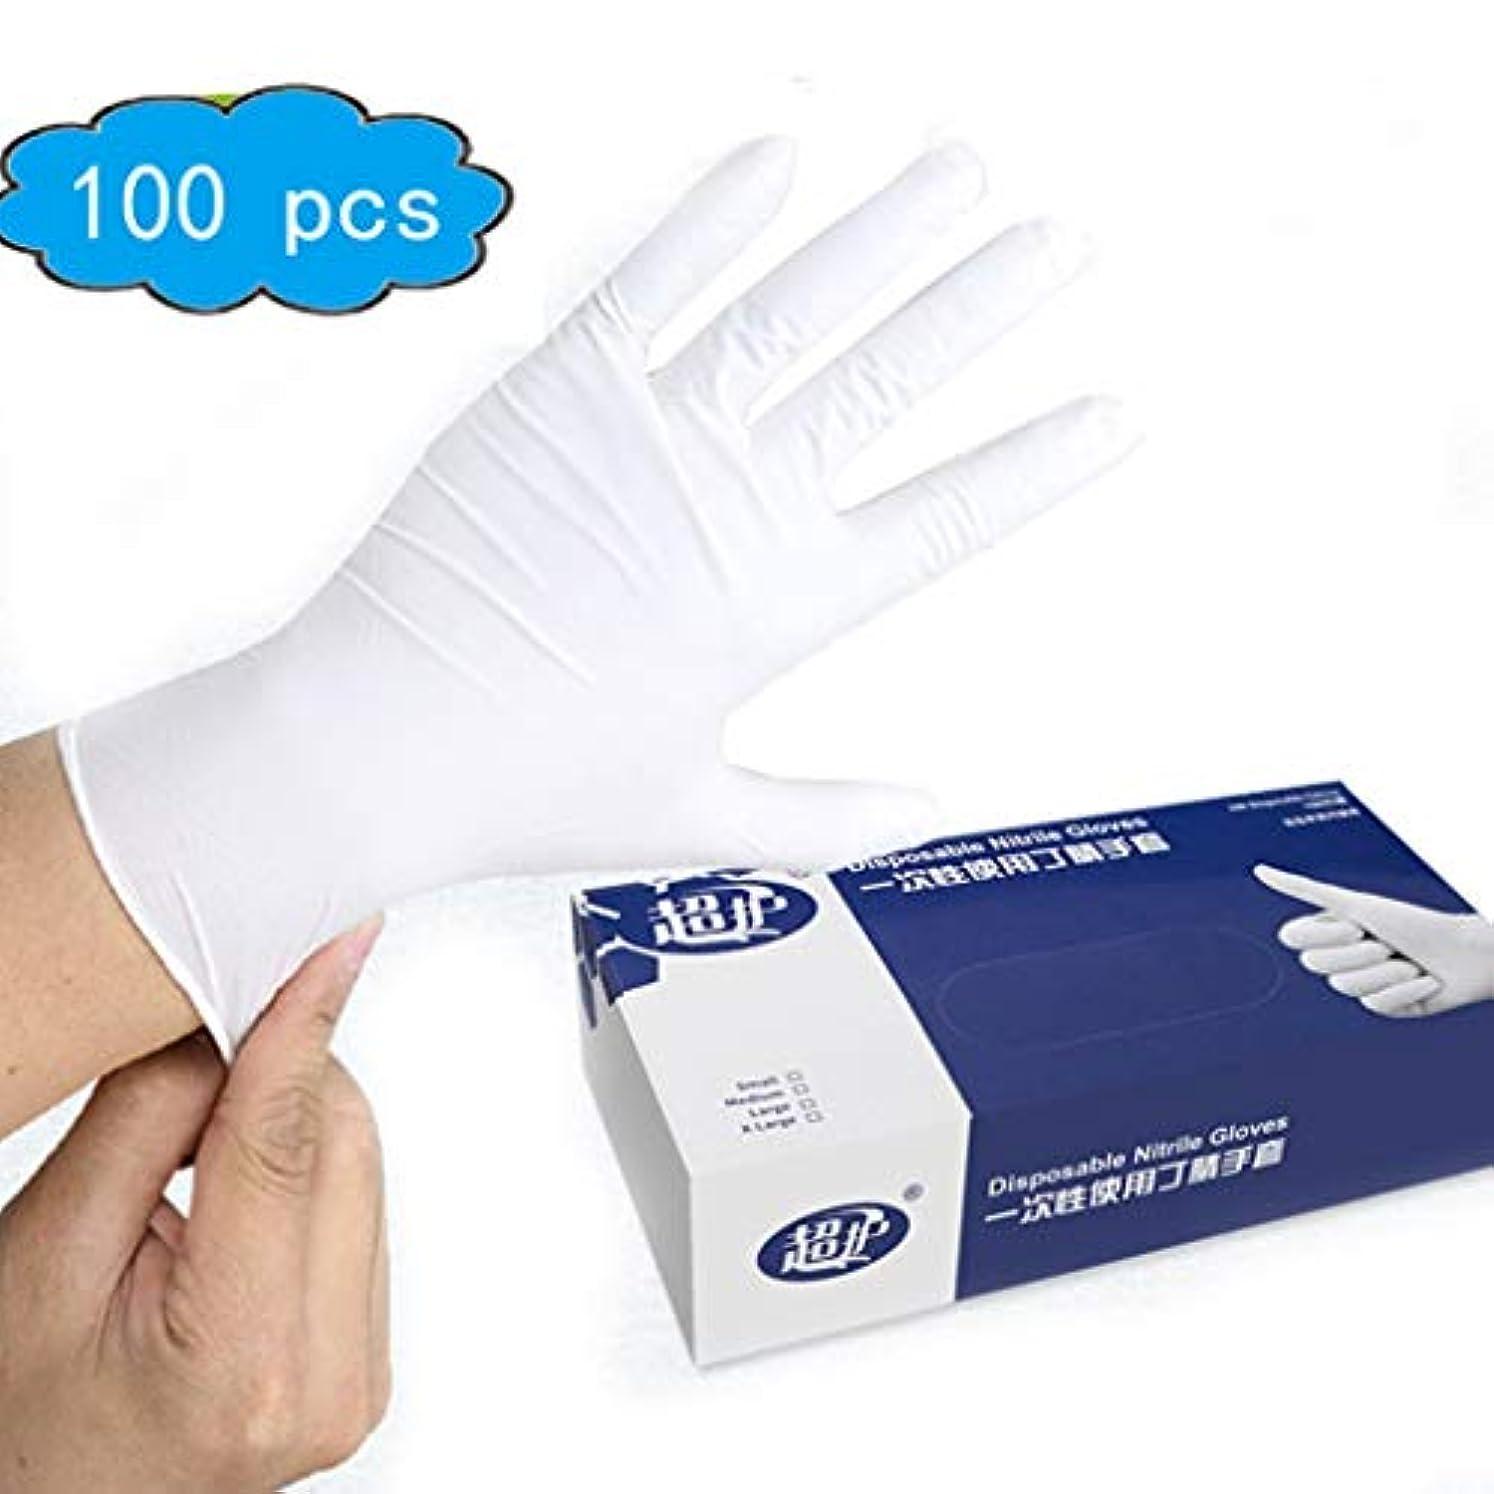 宿る表現バーガーニトリル手袋 - ラテックスフリー、パウダーフリー、非滅菌、衛生手袋、100のボックス (Color : White, Size : S)